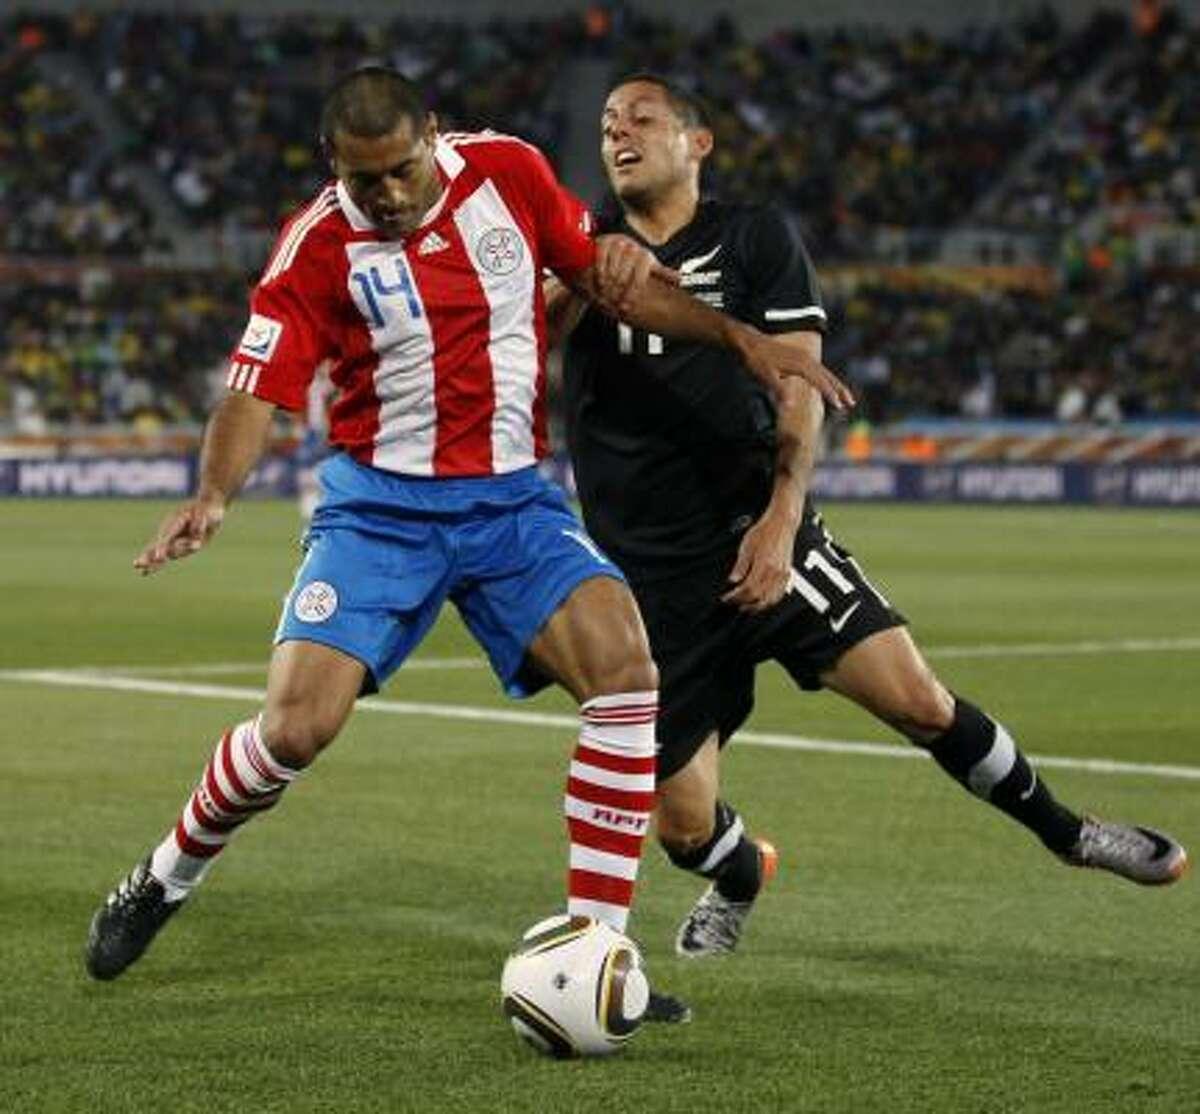 El defensor Paulo Da Silva (izq.) cubre la pelota ante la arremetida del mediocampista Leo Bertos.